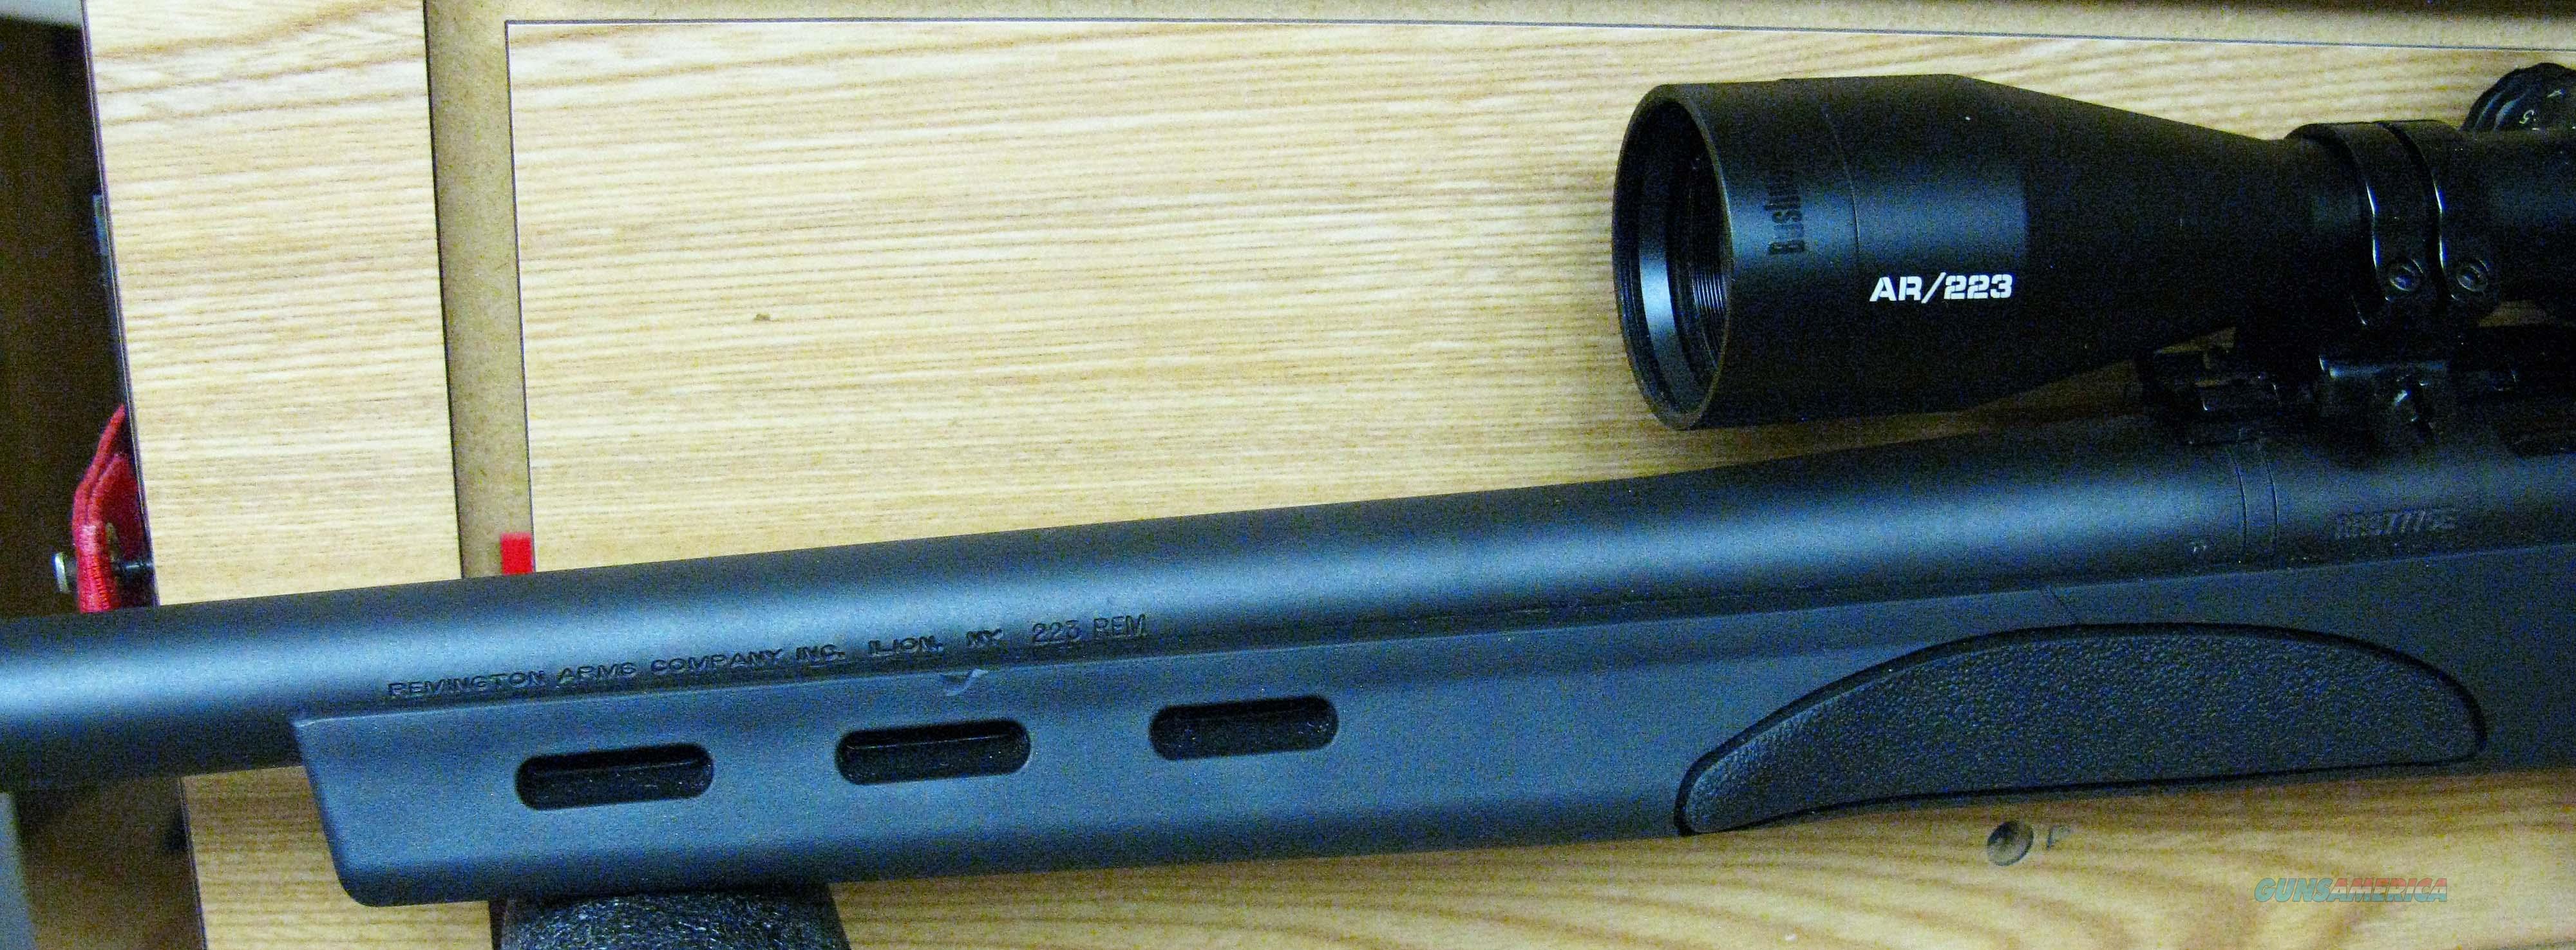 Description Shi... Remington 700 Adl 223 Twist Rate